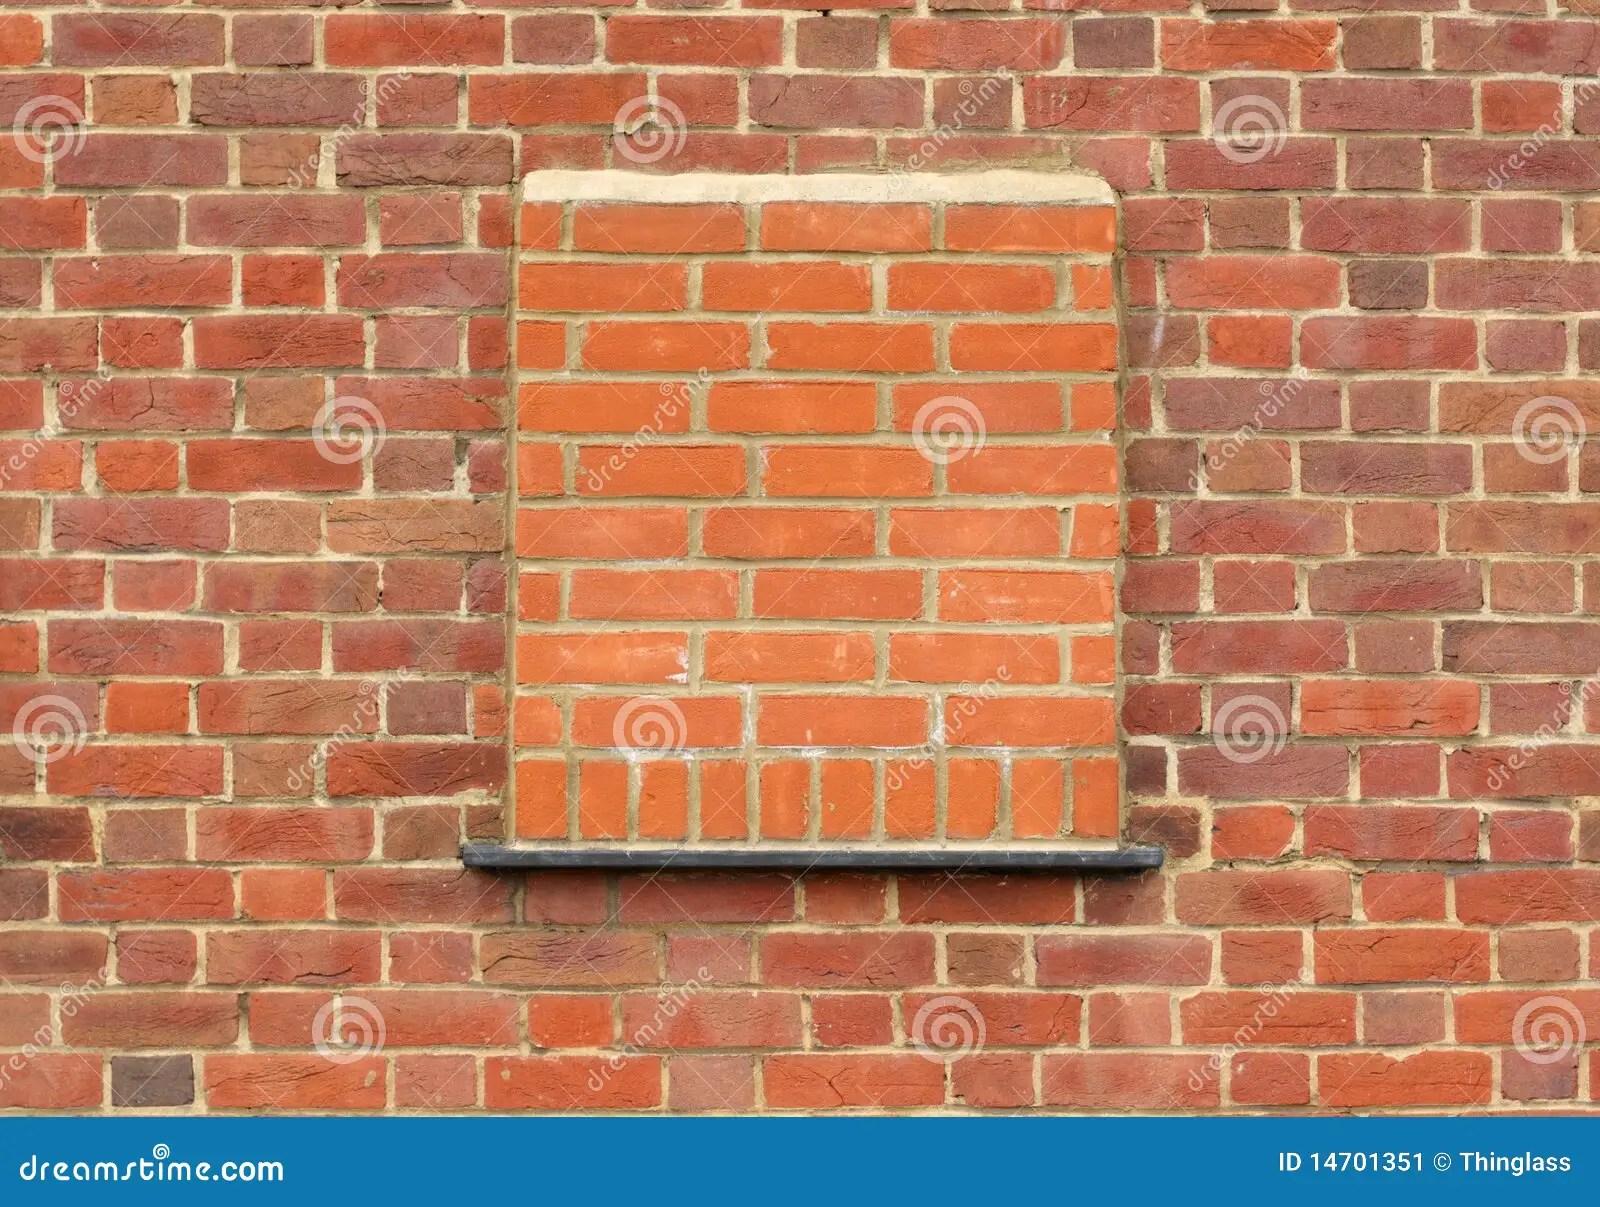 Bricked Up Window Stock Image  Image 14701351